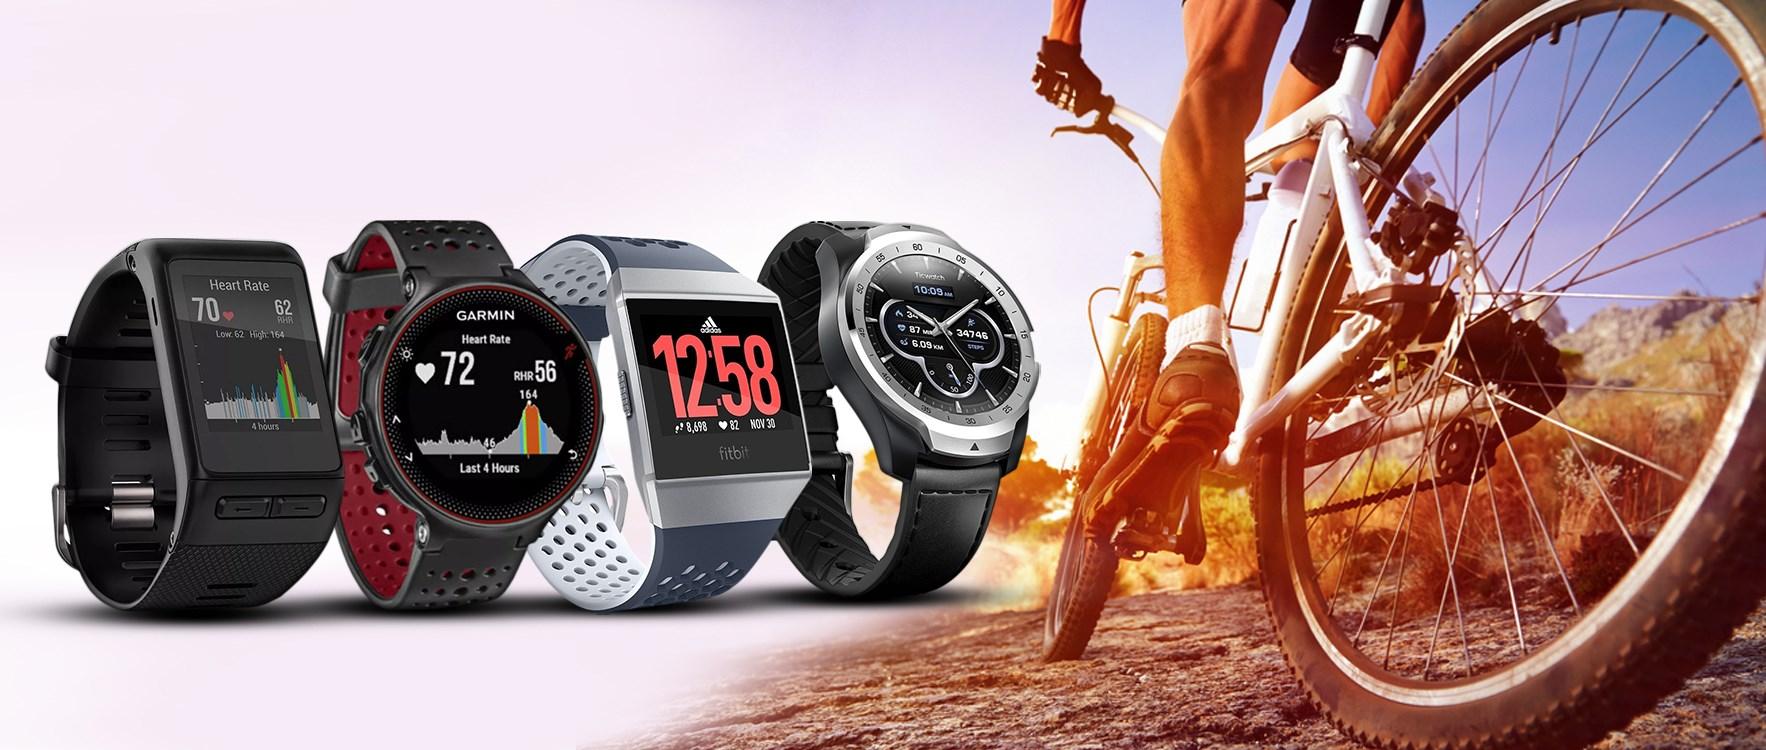 Träningsklocka - multisportklocka - pulsklocka med smartwatch